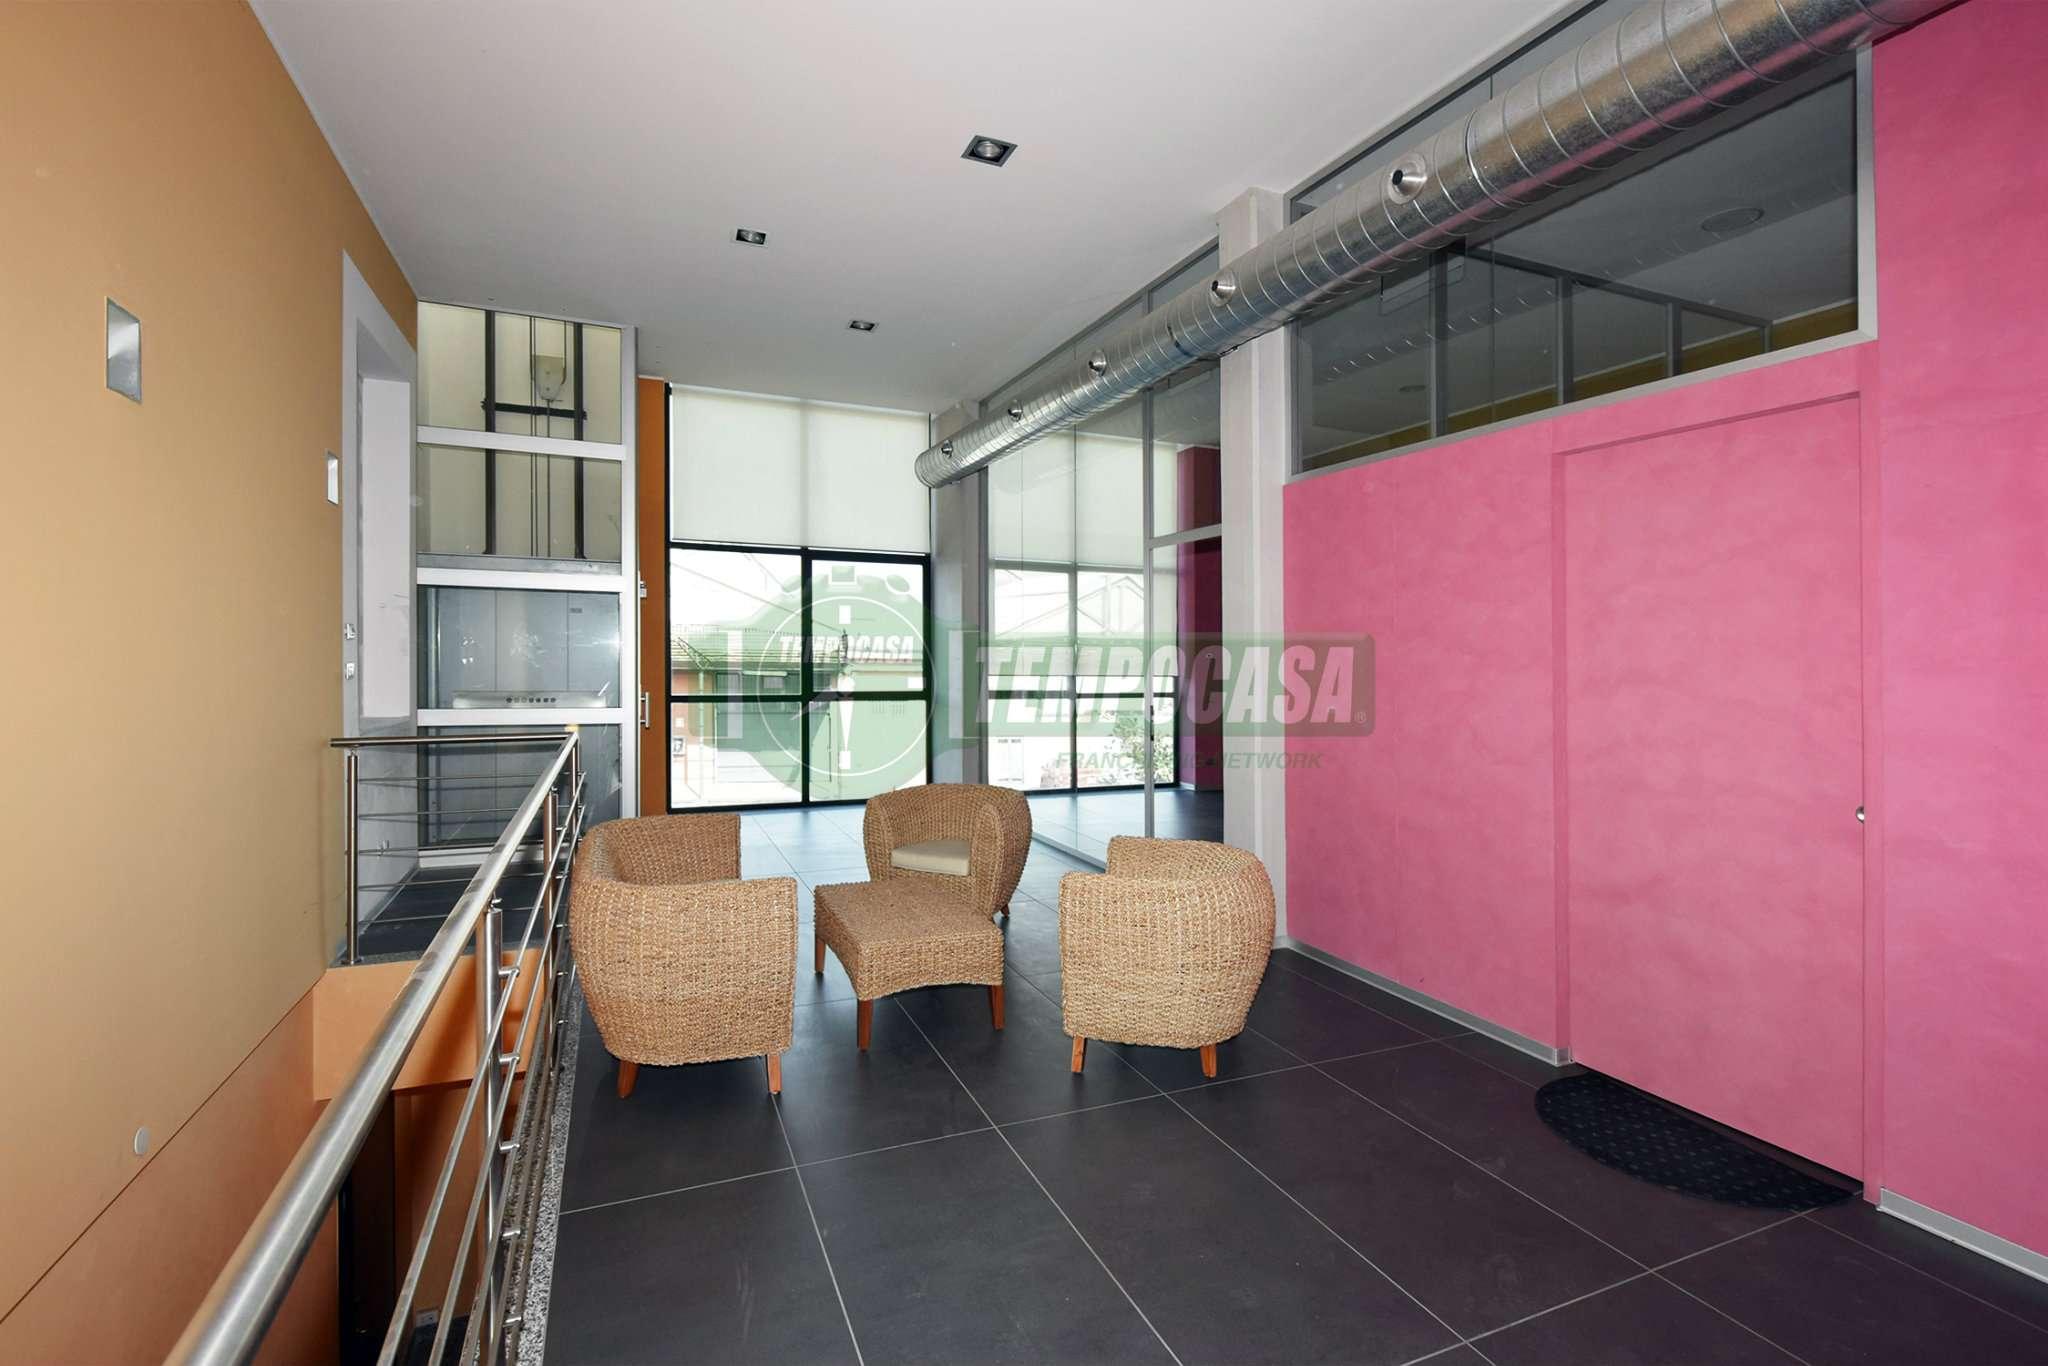 Appartamento in vendita a Settimo Milanese, 3 locali, prezzo € 120.000 | CambioCasa.it